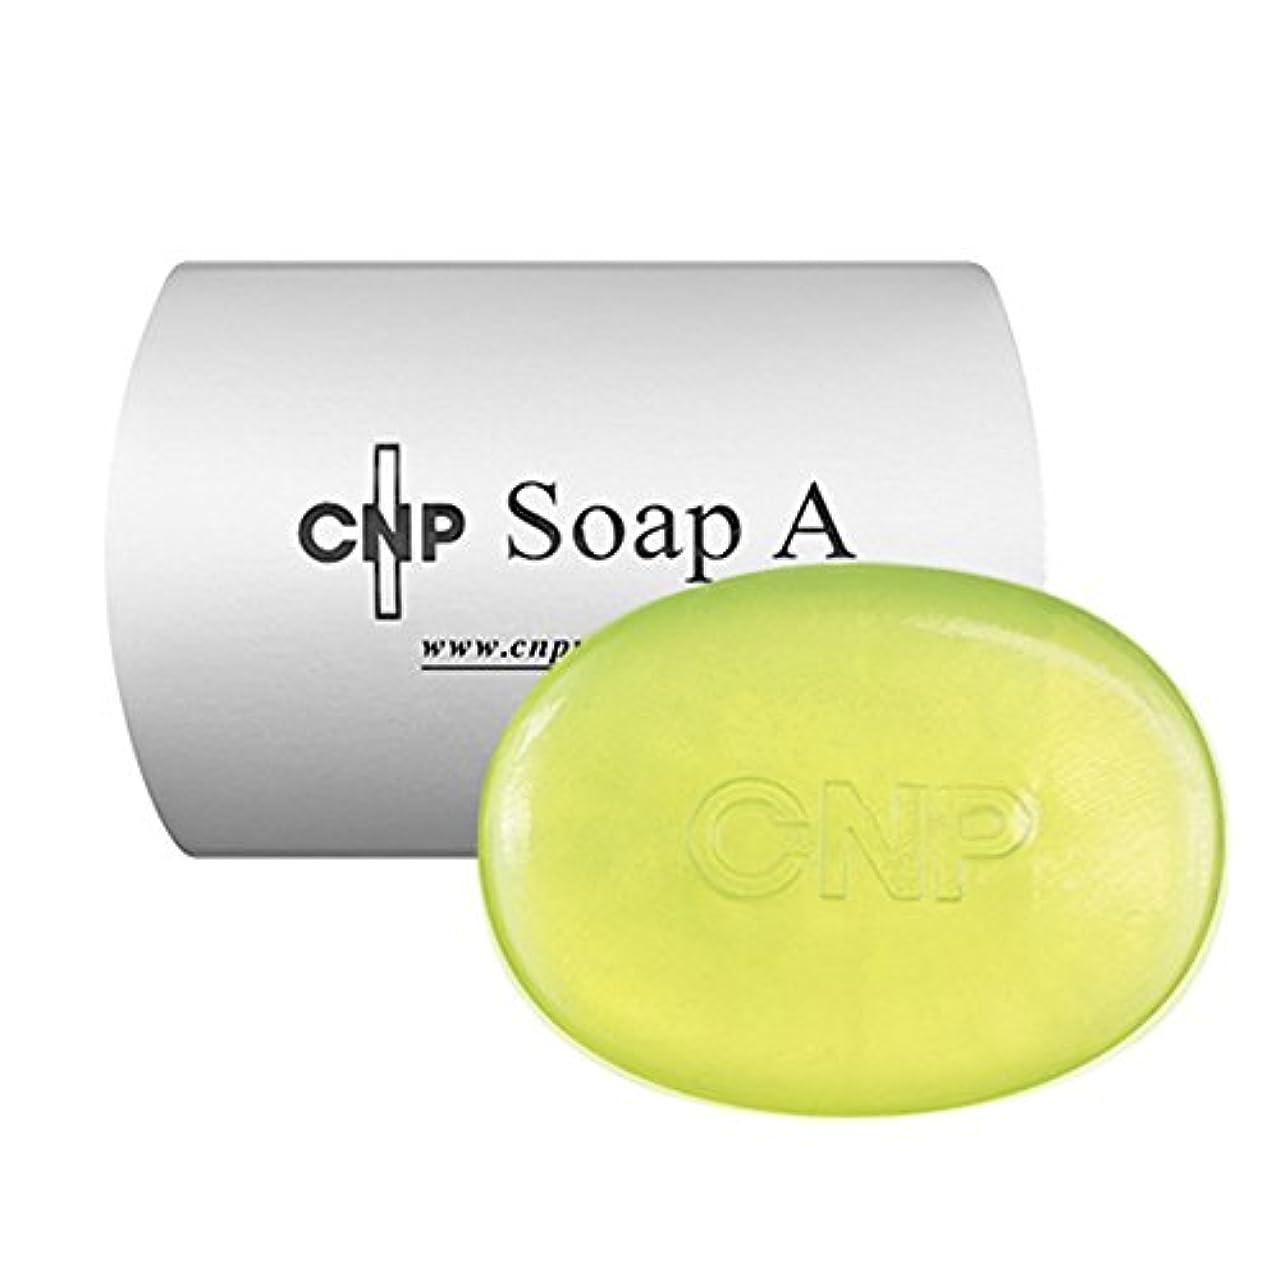 ナラーバー楽しませるミネラルCNP Soap A チャアンドパク ソープ A [並行輸入品]